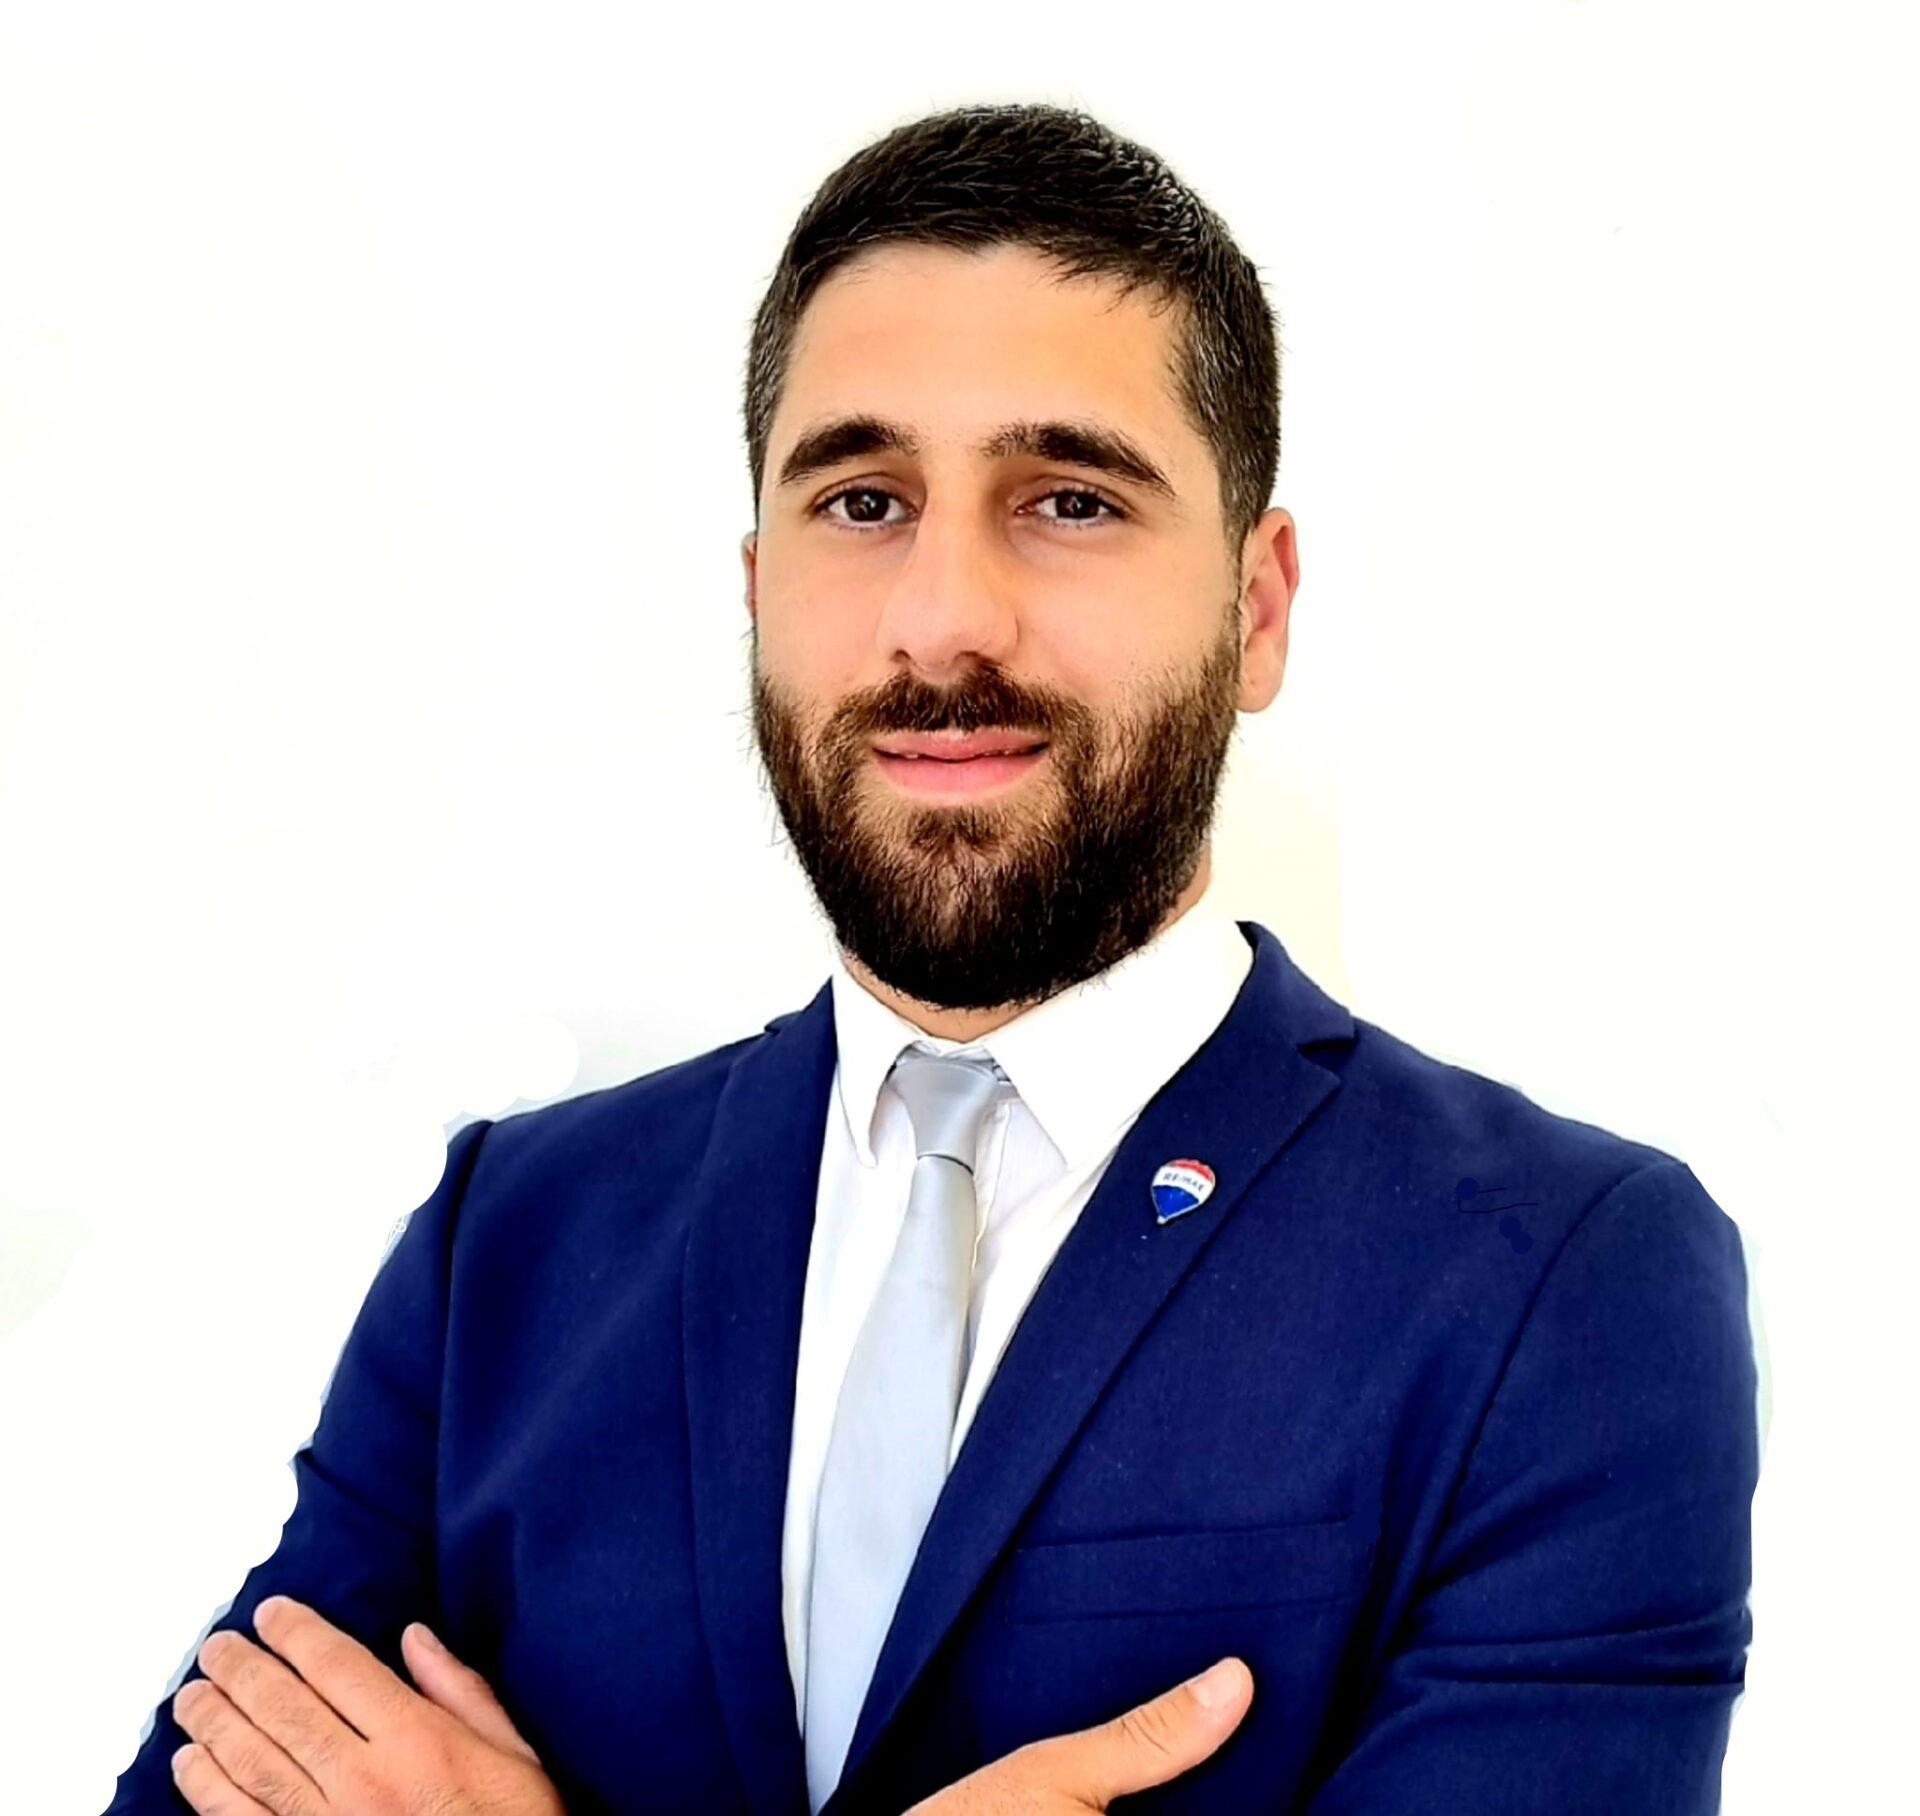 Emiliano Nicoletti